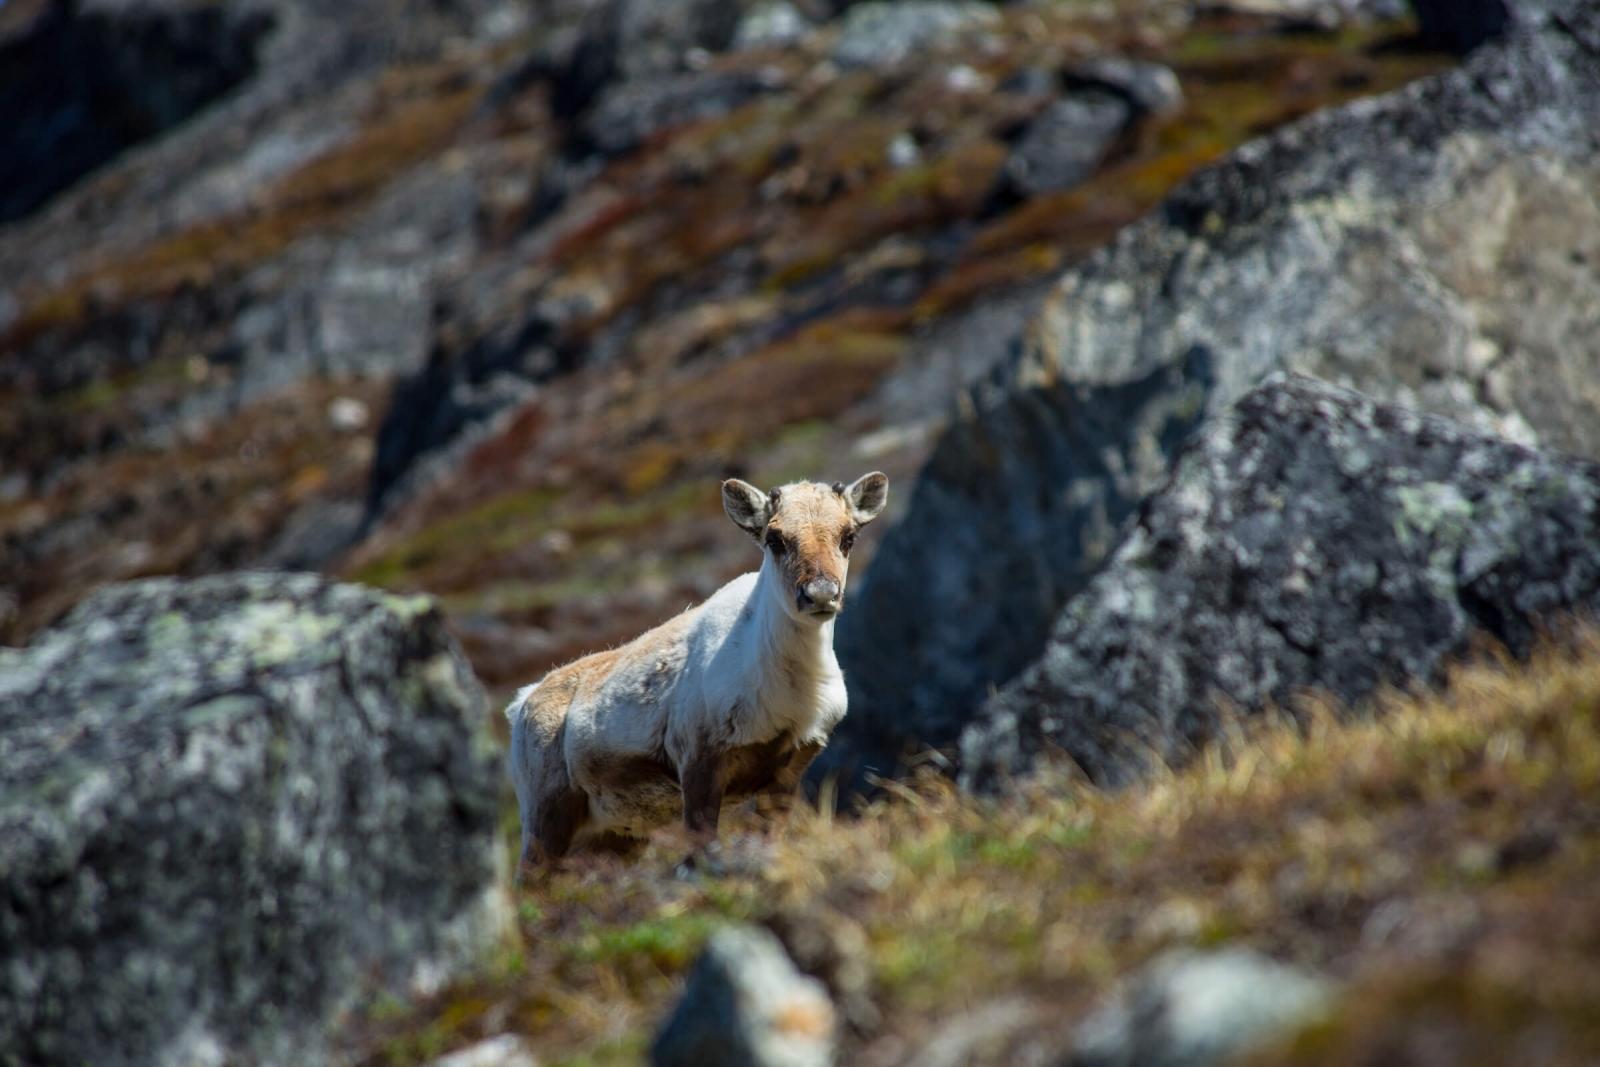 Summer reindeer in Greenland. Photo by Tikki Geisler